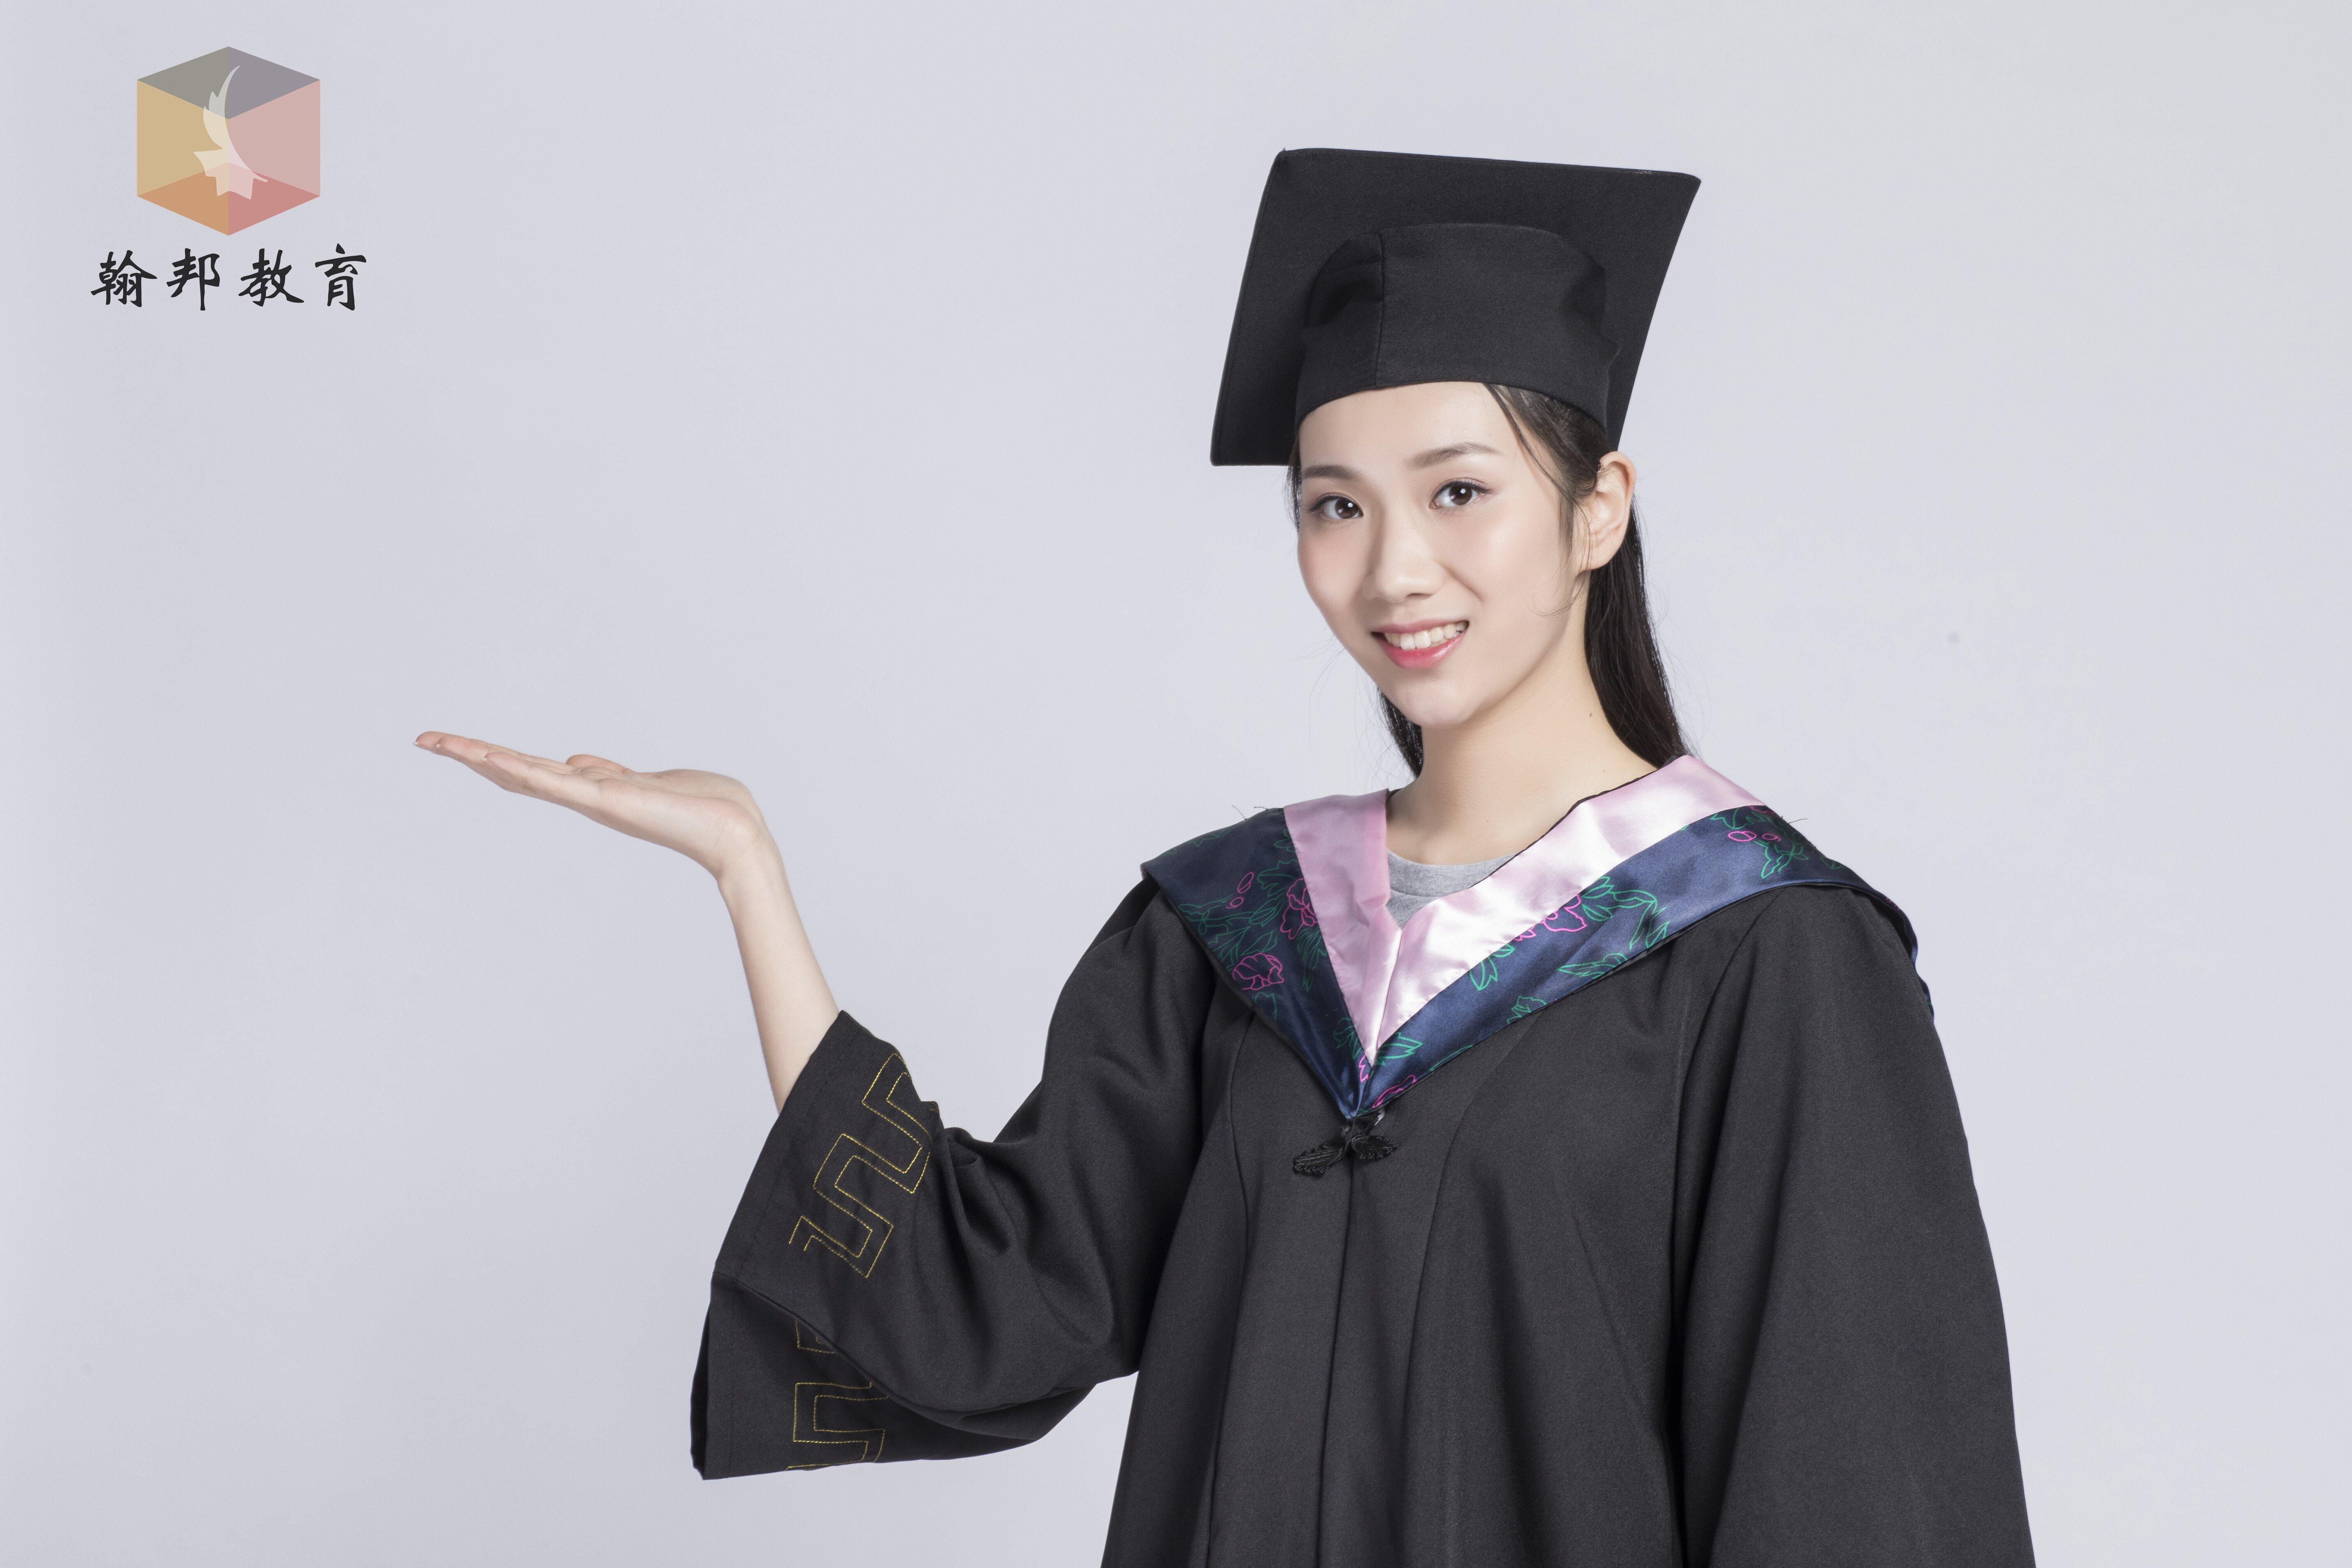 2020深圳龙华区提升文凭谋职有用么?哪家机构拿证快